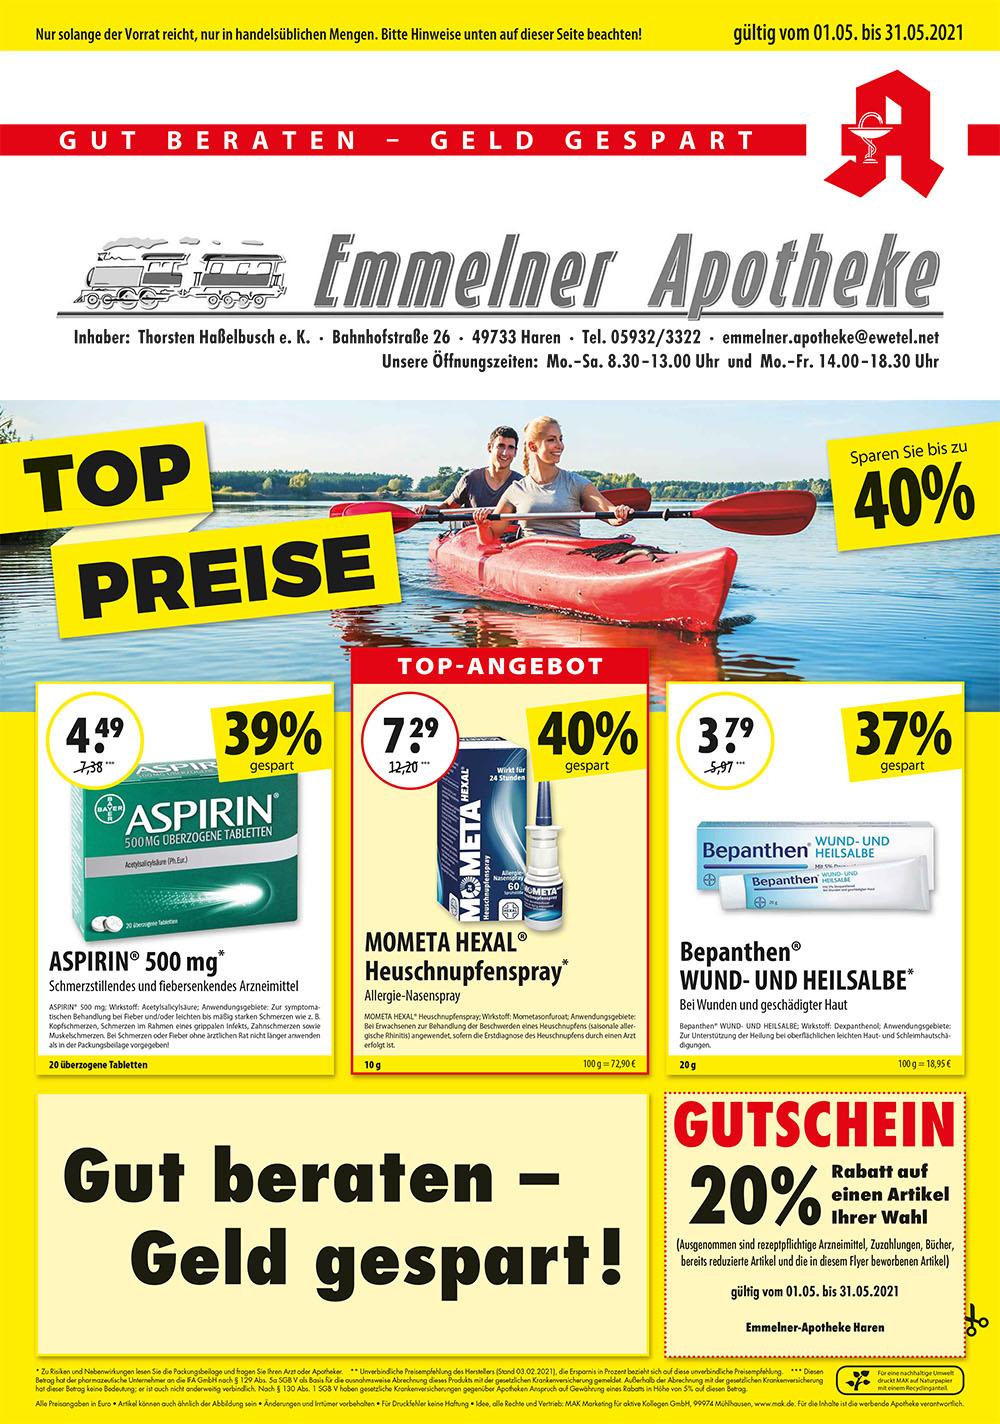 https://www-apotheken-de.apocdn.net/fileadmin/clubarea/00000-Angebote/49733_emmelner_angebot_1.jpg